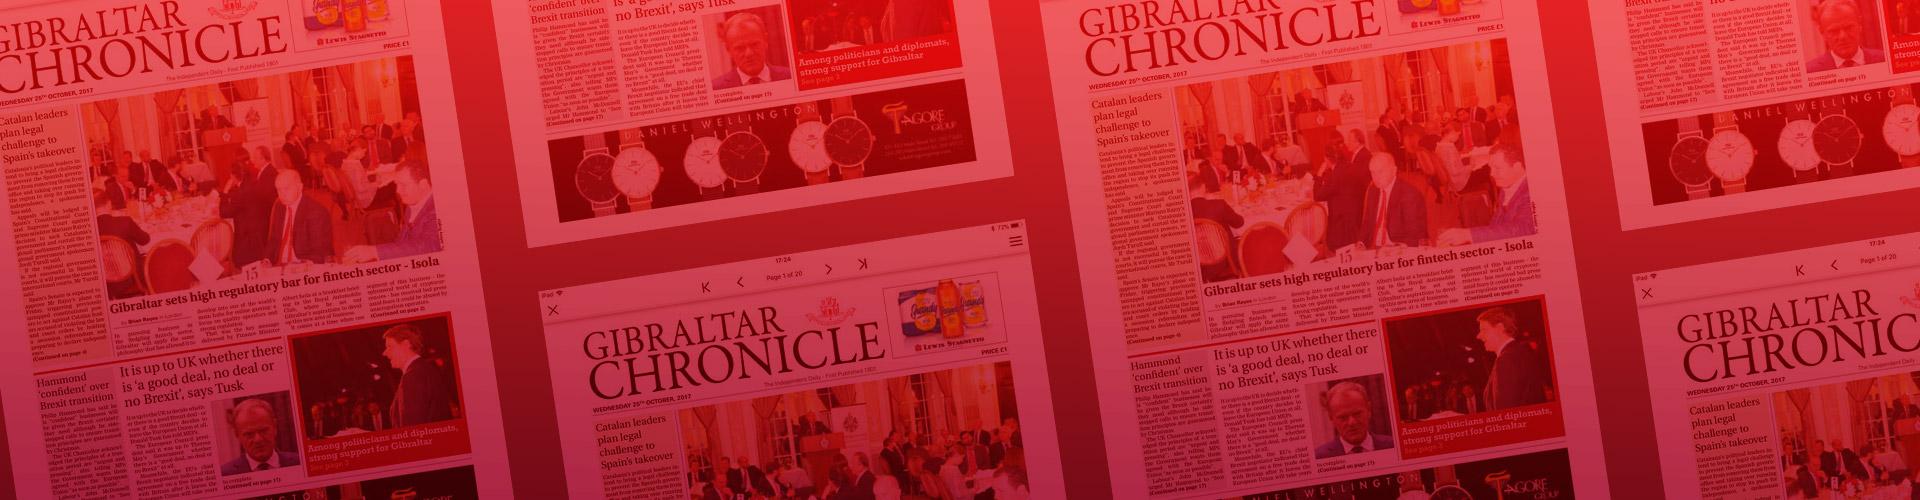 Header image of Gibraltar Chronicle